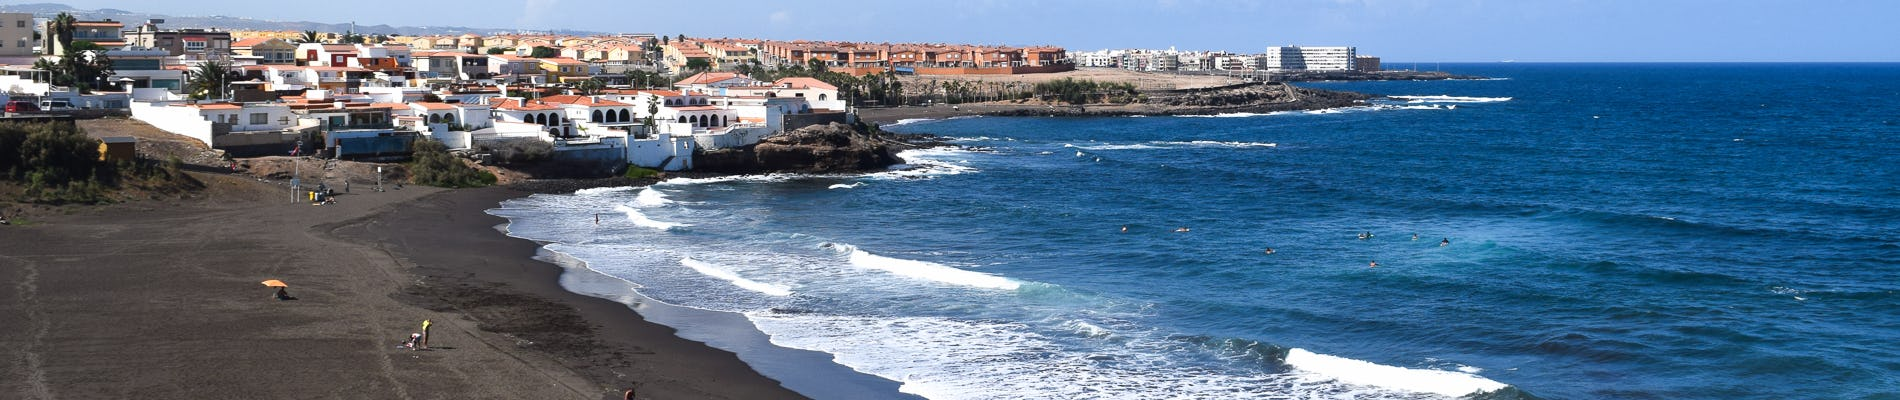 Playa Del Hombre Gran Canaria Fotos Videos Tips Voor Insiders